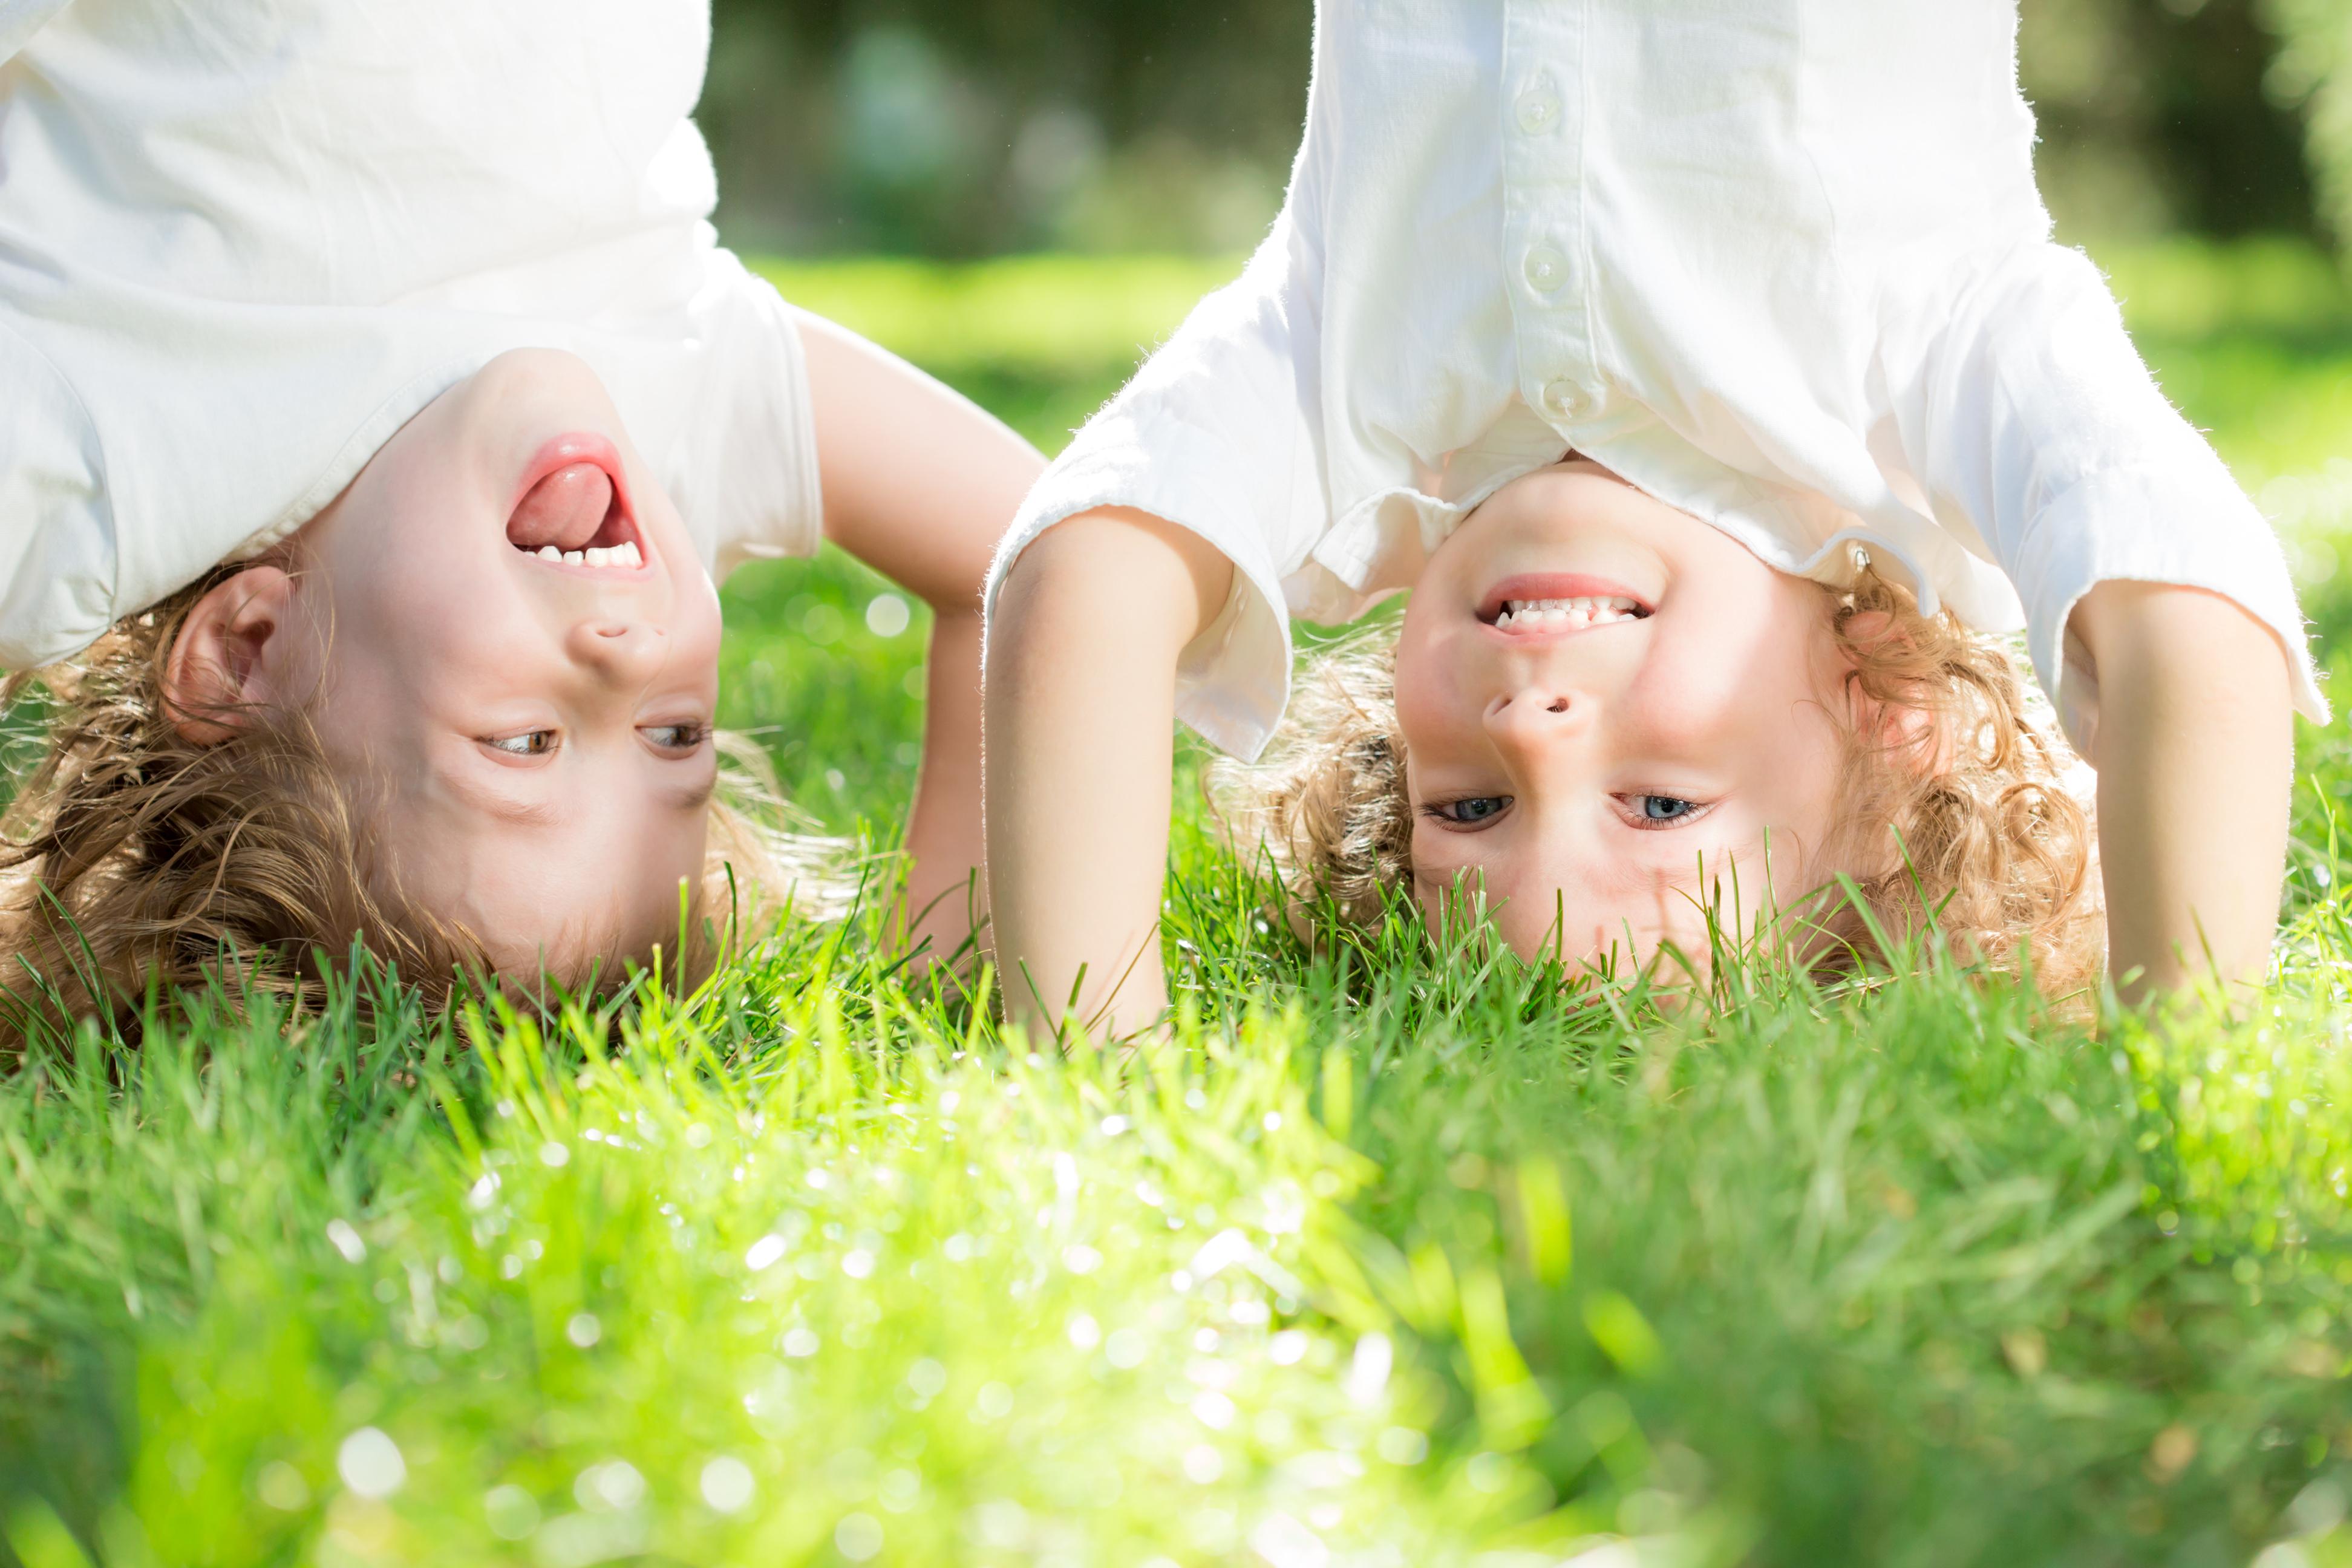 Dänische Kinder sind am glücklichsten – doch warum?